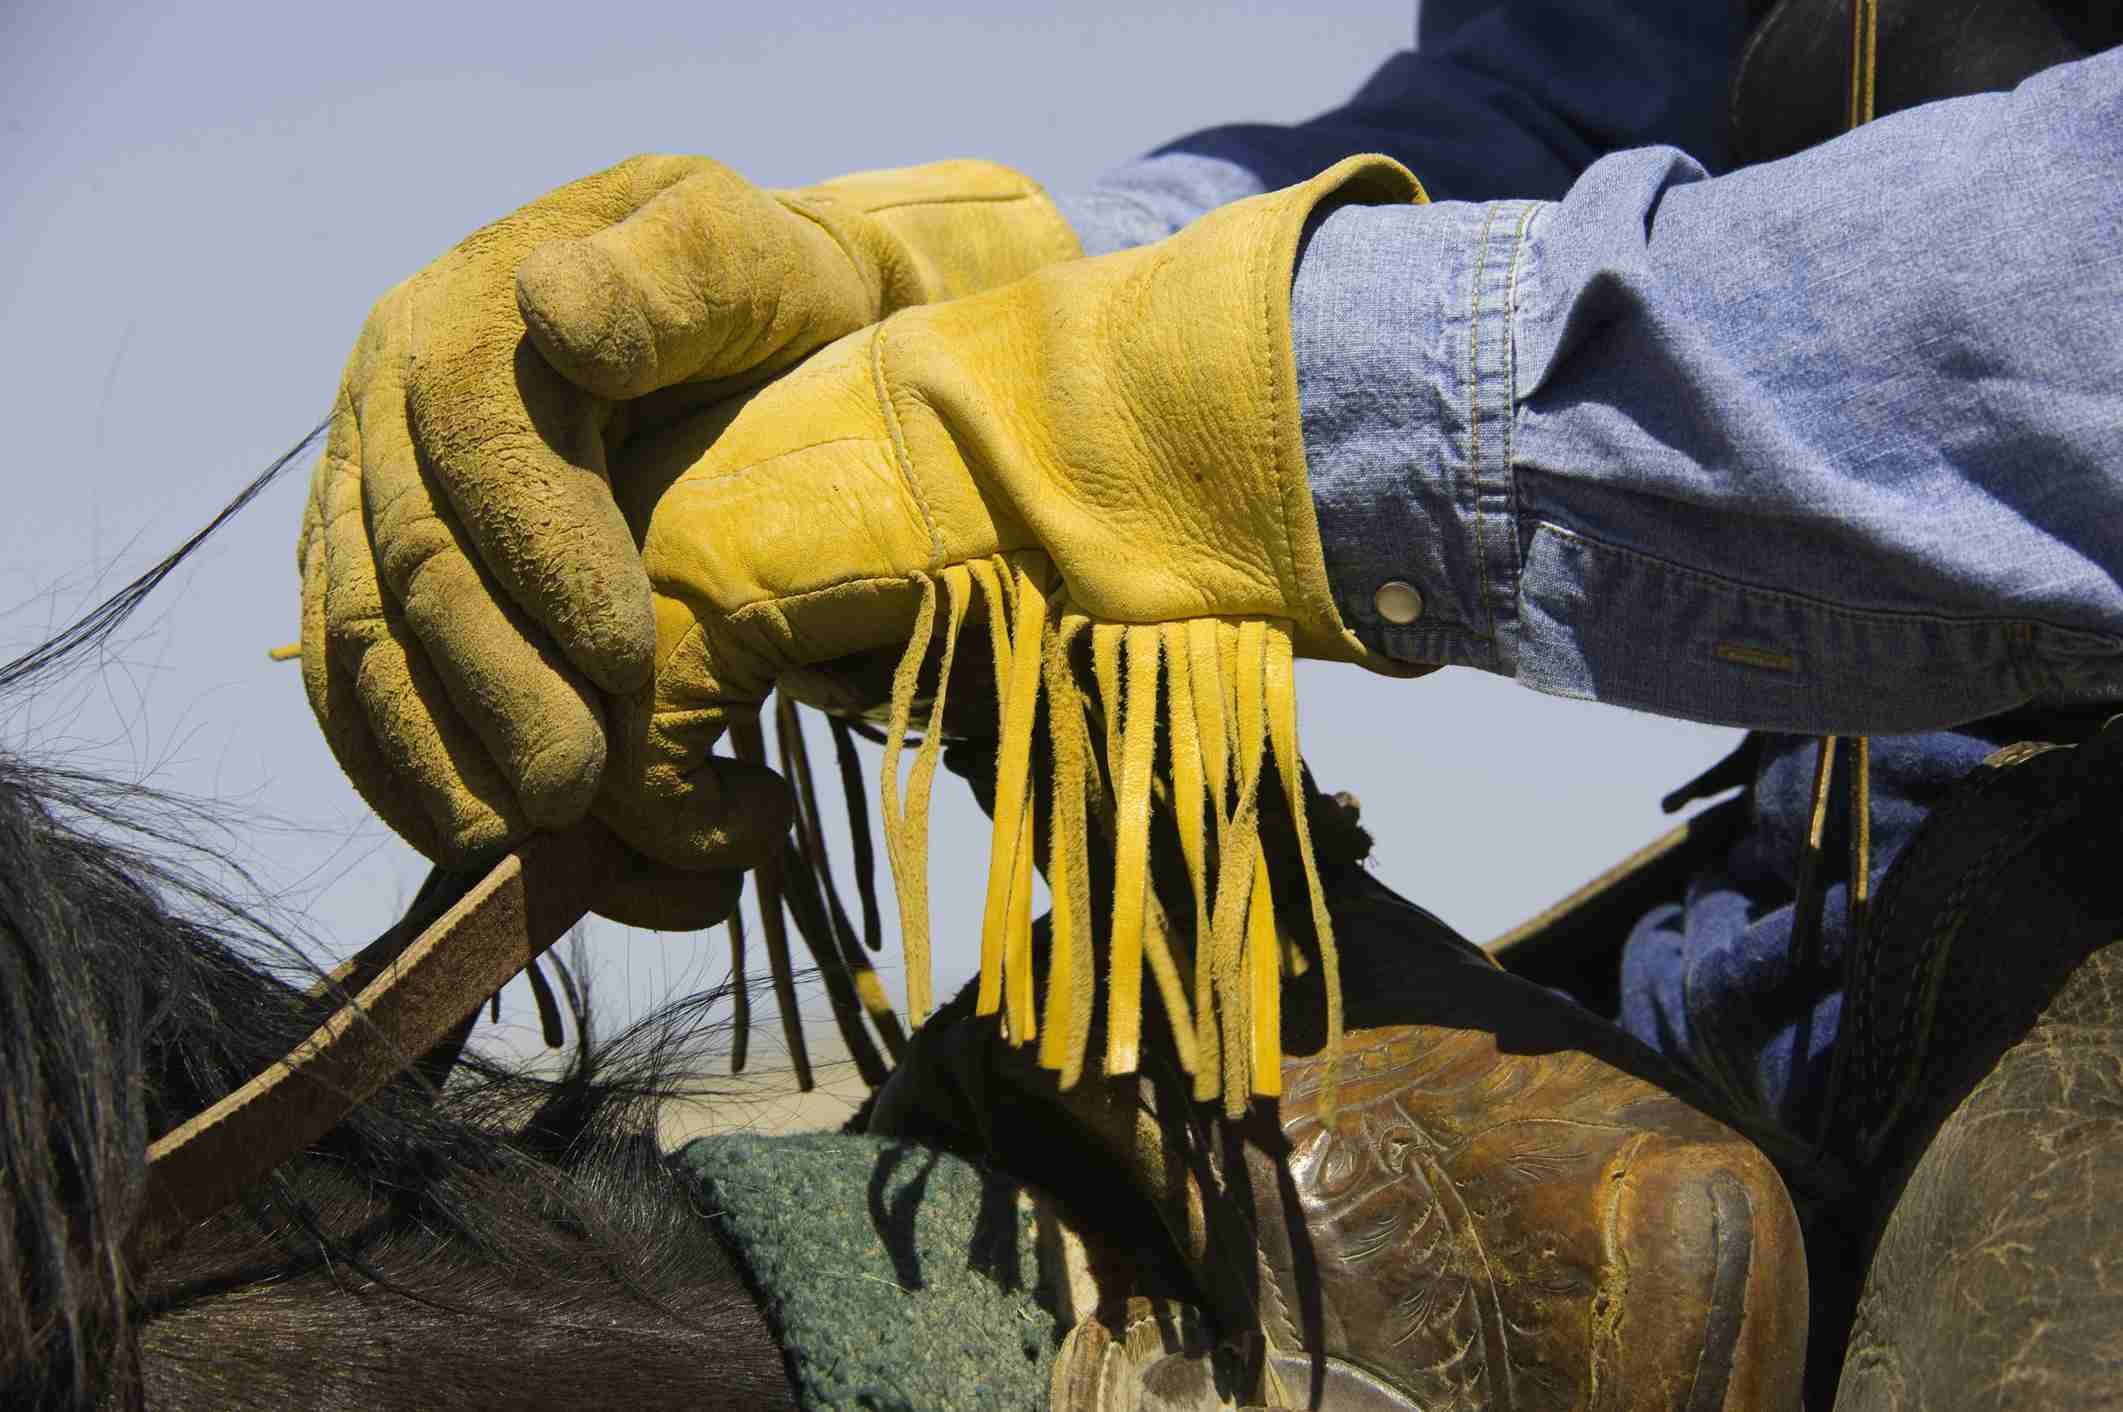 Las manos enguantadas de un vaquero a caballo